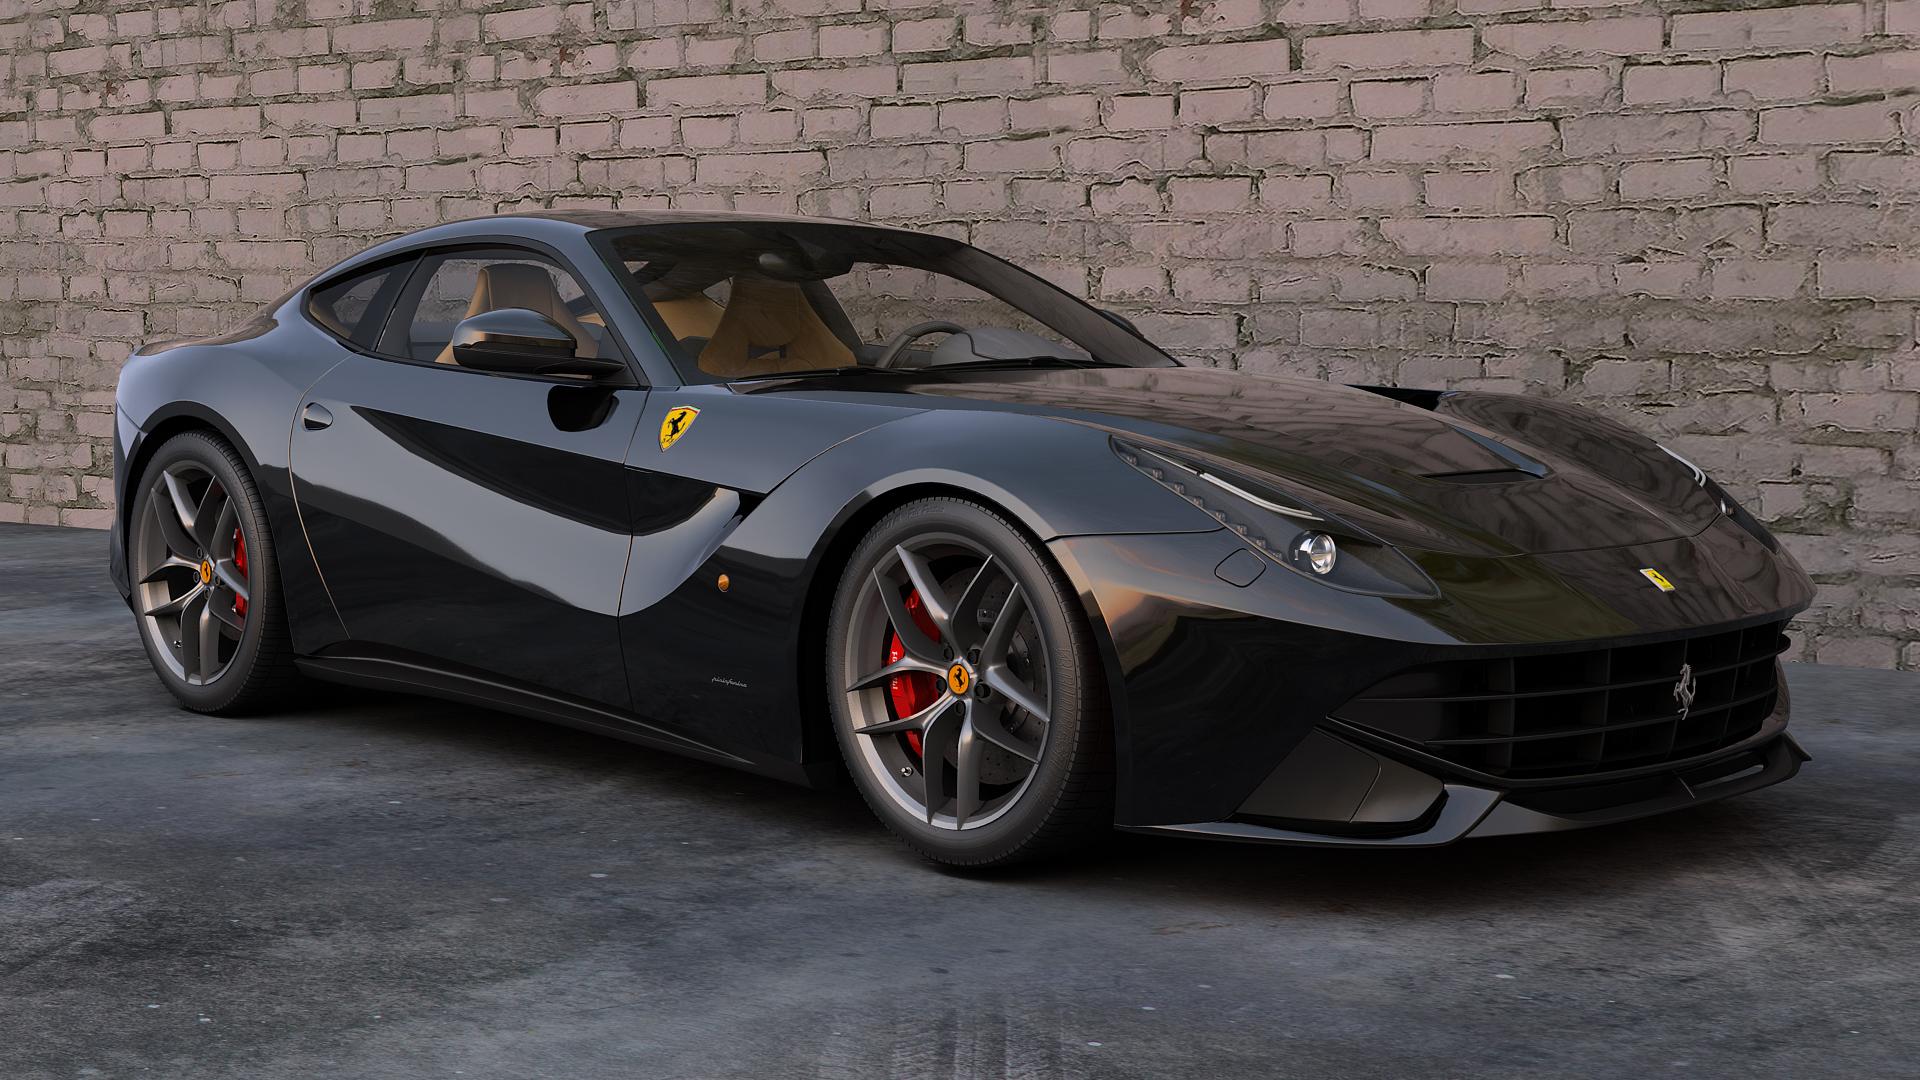 Ferrari F12 Berlinetta #5 Ferrari F12 Berlinetta #5